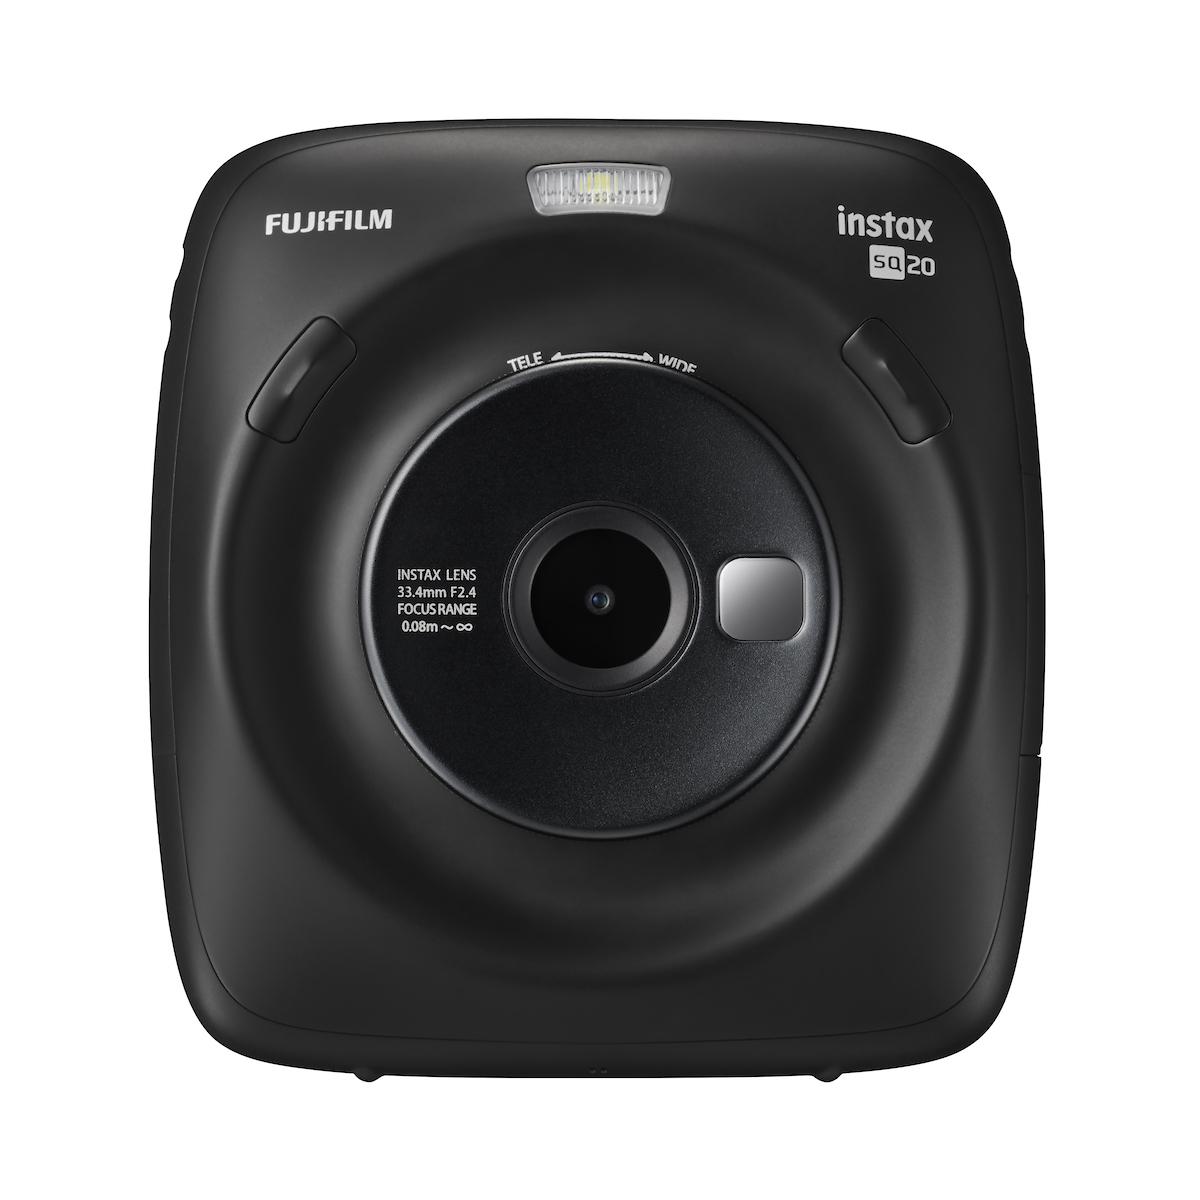 富士的 Instax Square SQ20 拍立得相机可以录制短视频